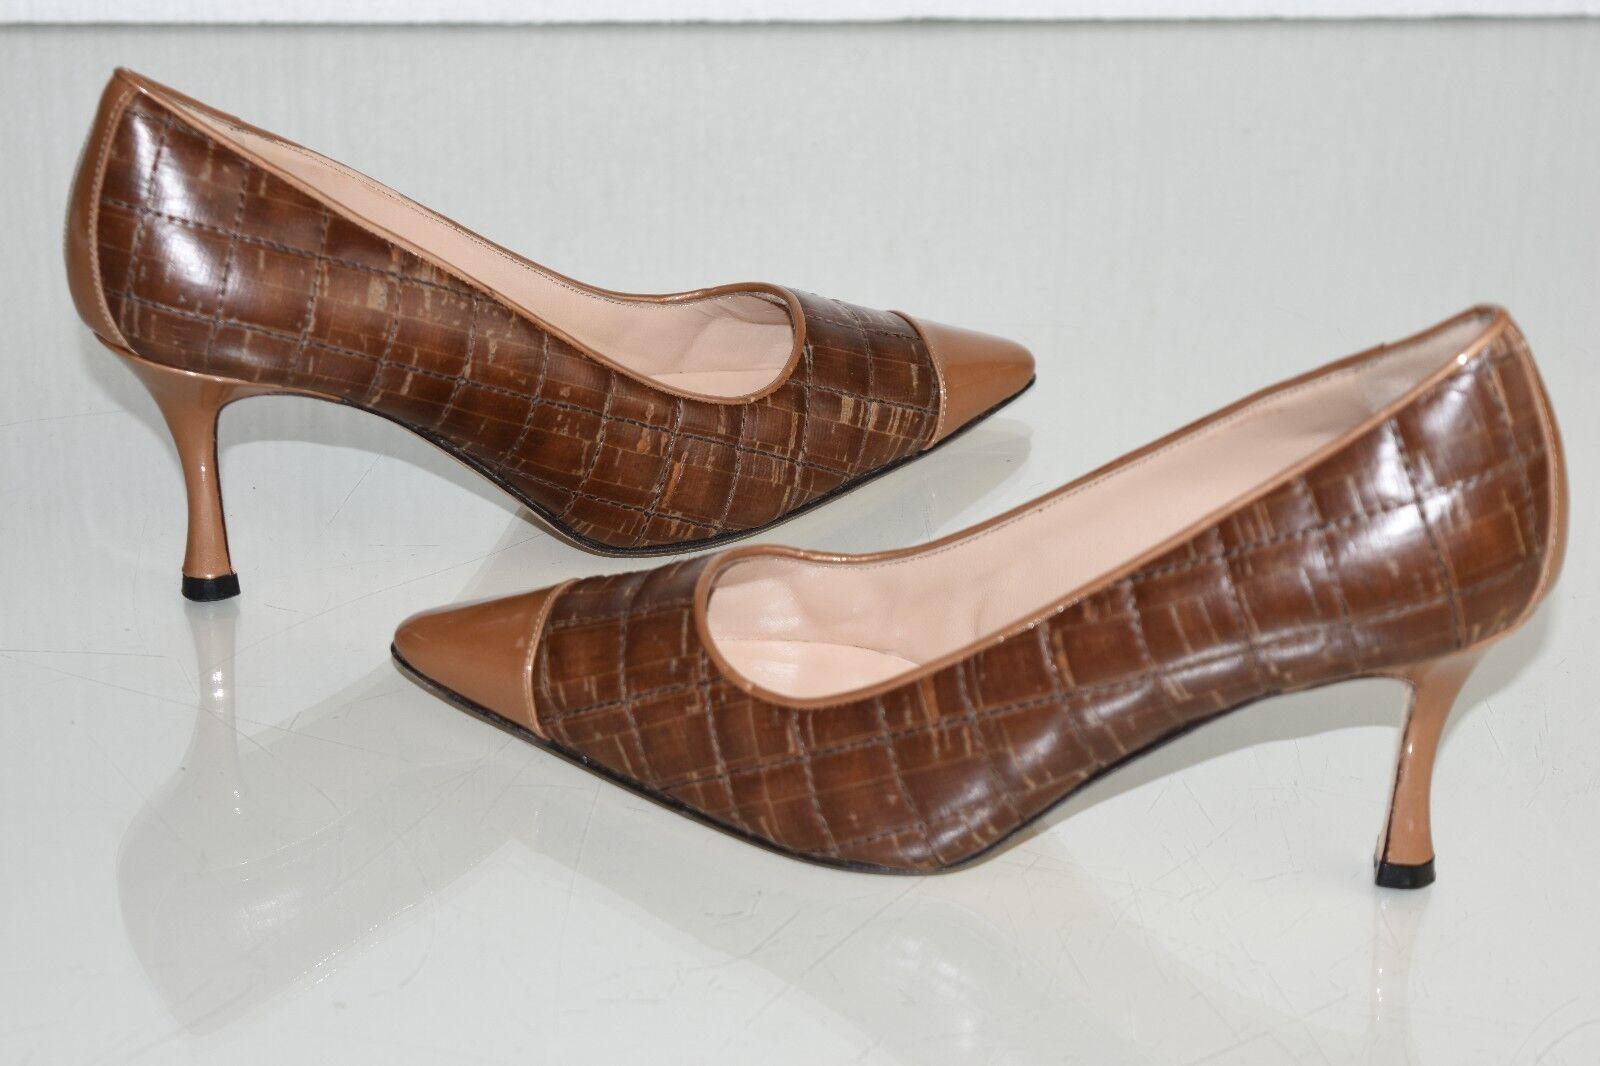 miglior prezzo NEW MANOLO MANOLO MANOLO BLAHNIK BB 70 PUMPS CAP TOE QUILTED LEATHER Marrone PATENT scarpe 37  edizione limitata